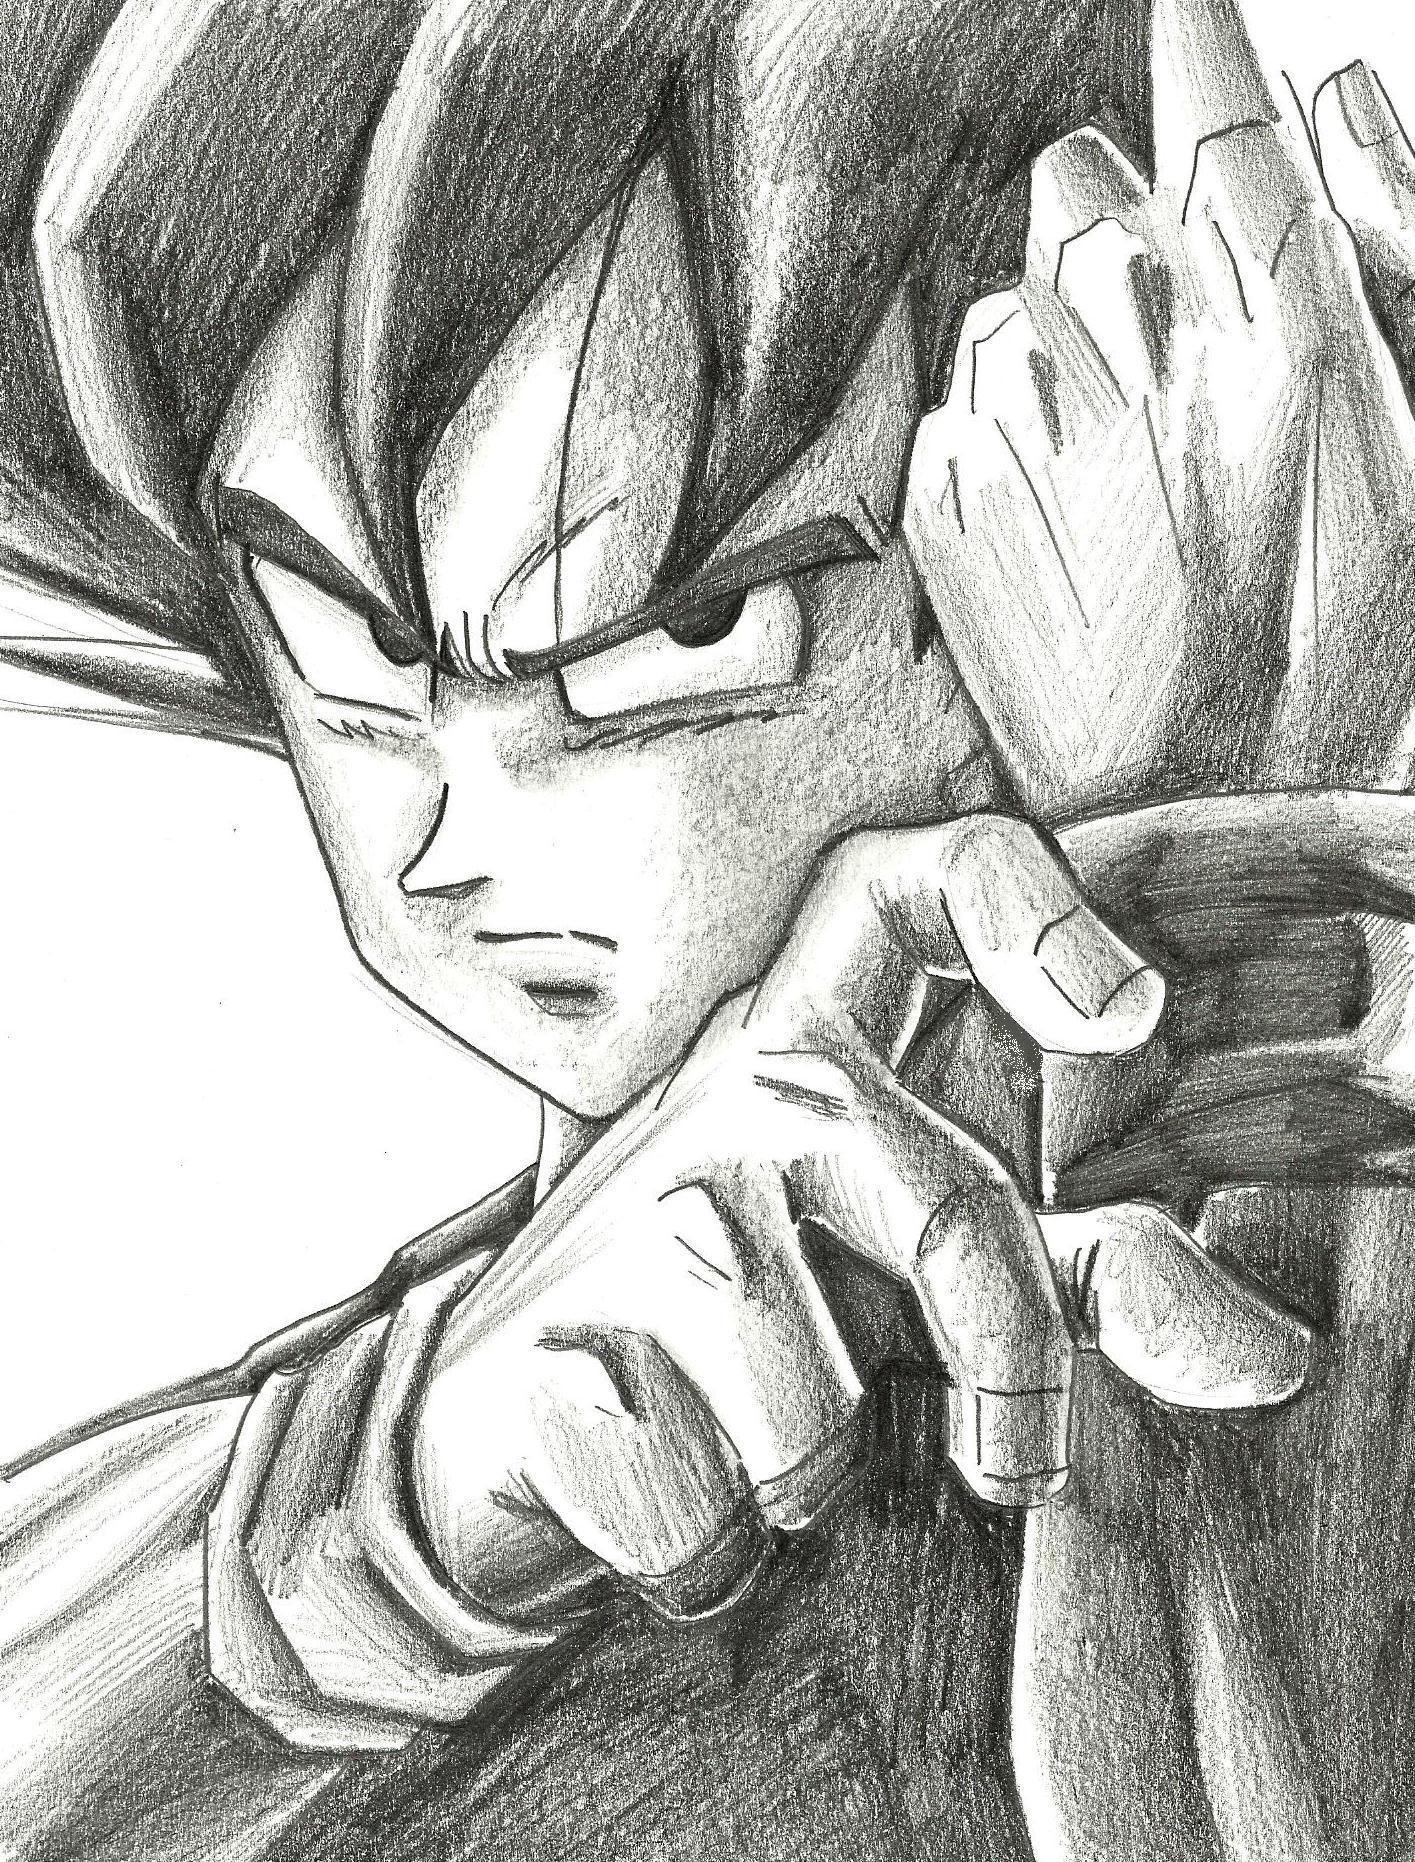 Descargar Imagenes De Dibujos Hechos A Lapiz Dibujos Chidos Goku A Lapiz Dibujos Hechos A Lapiz Goku Dibujo A Lapiz